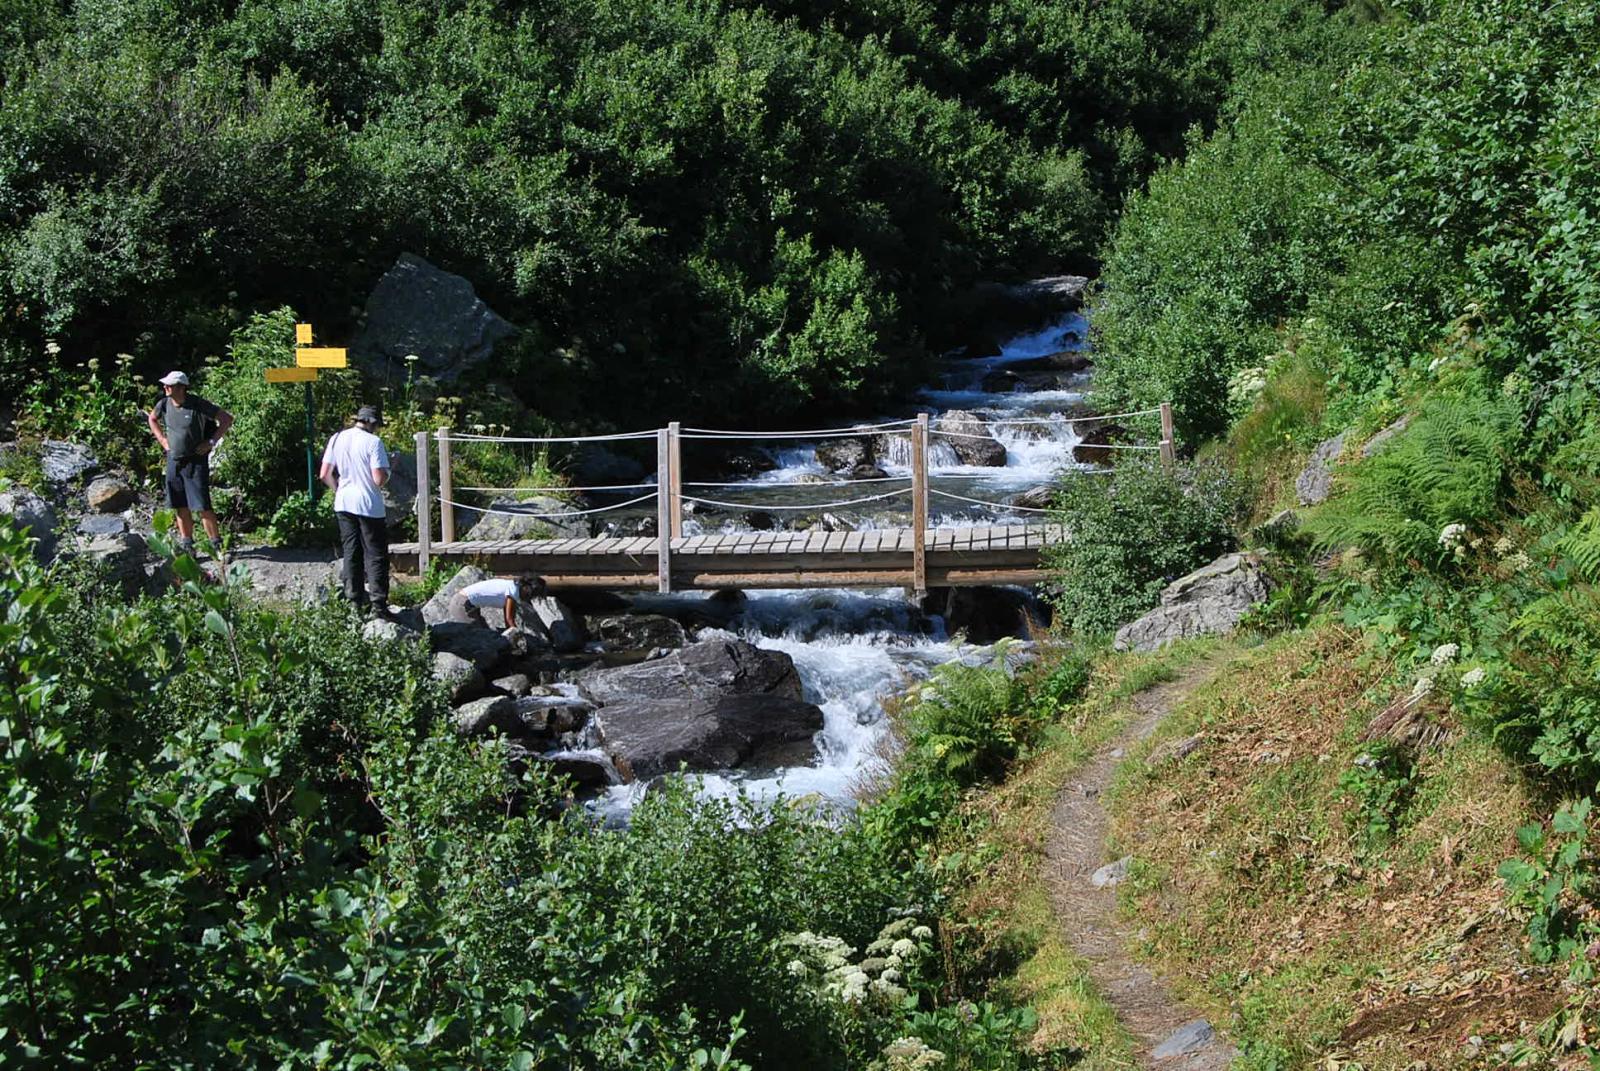 L'attraversamento del torrente. Visto il caldo, è l'area più affollata …